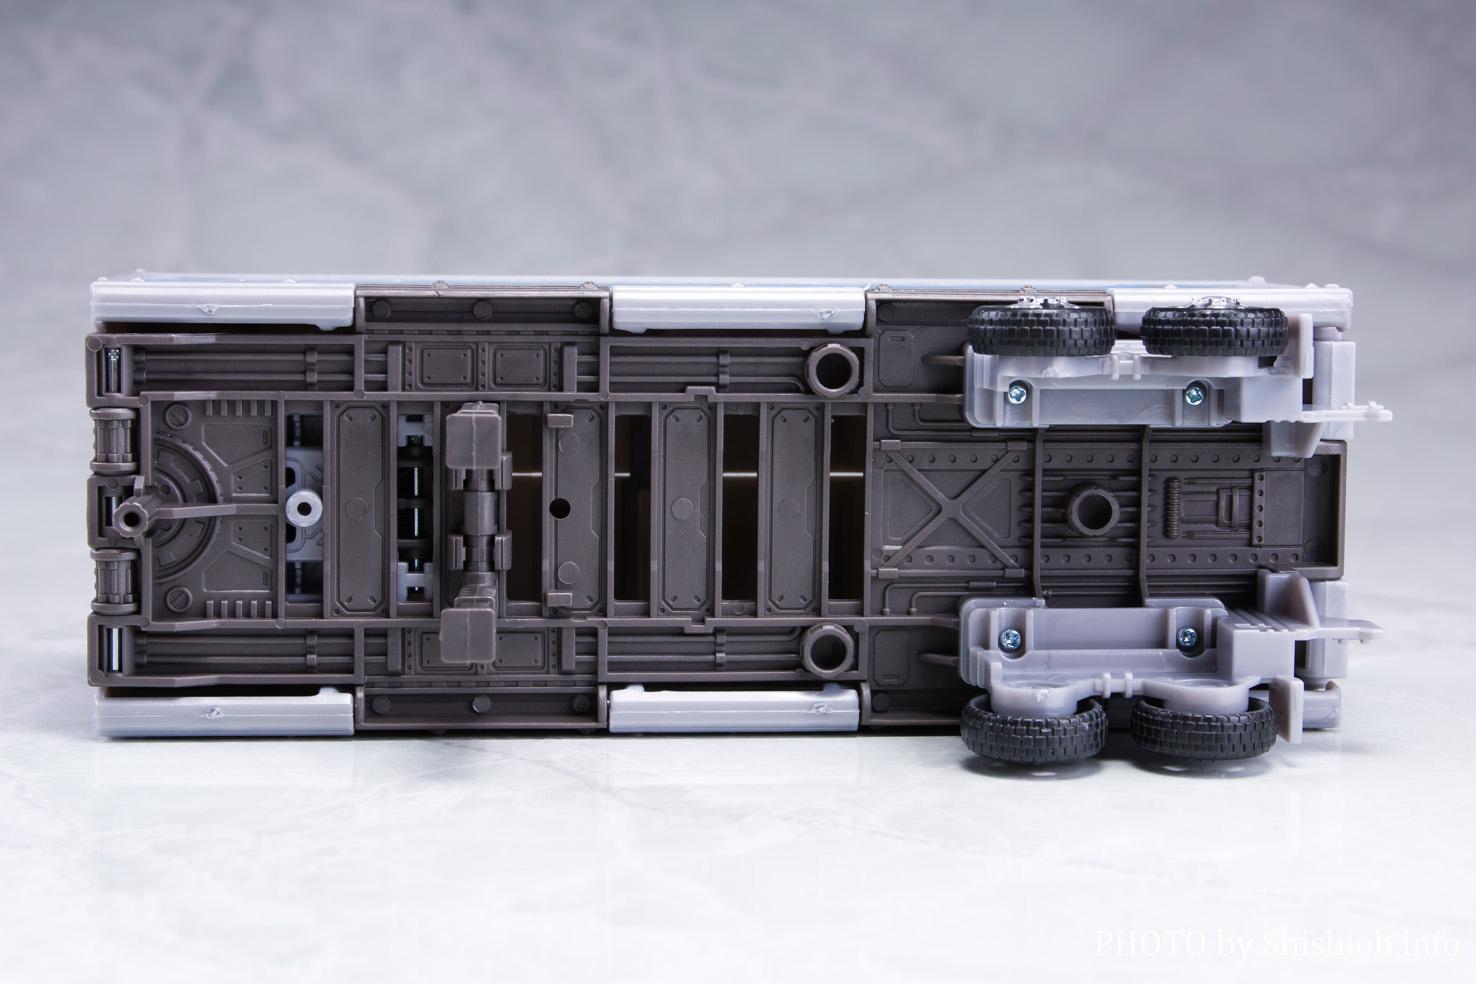 アースライズ ER-02 オプティマスプライム with トレーラー パート2